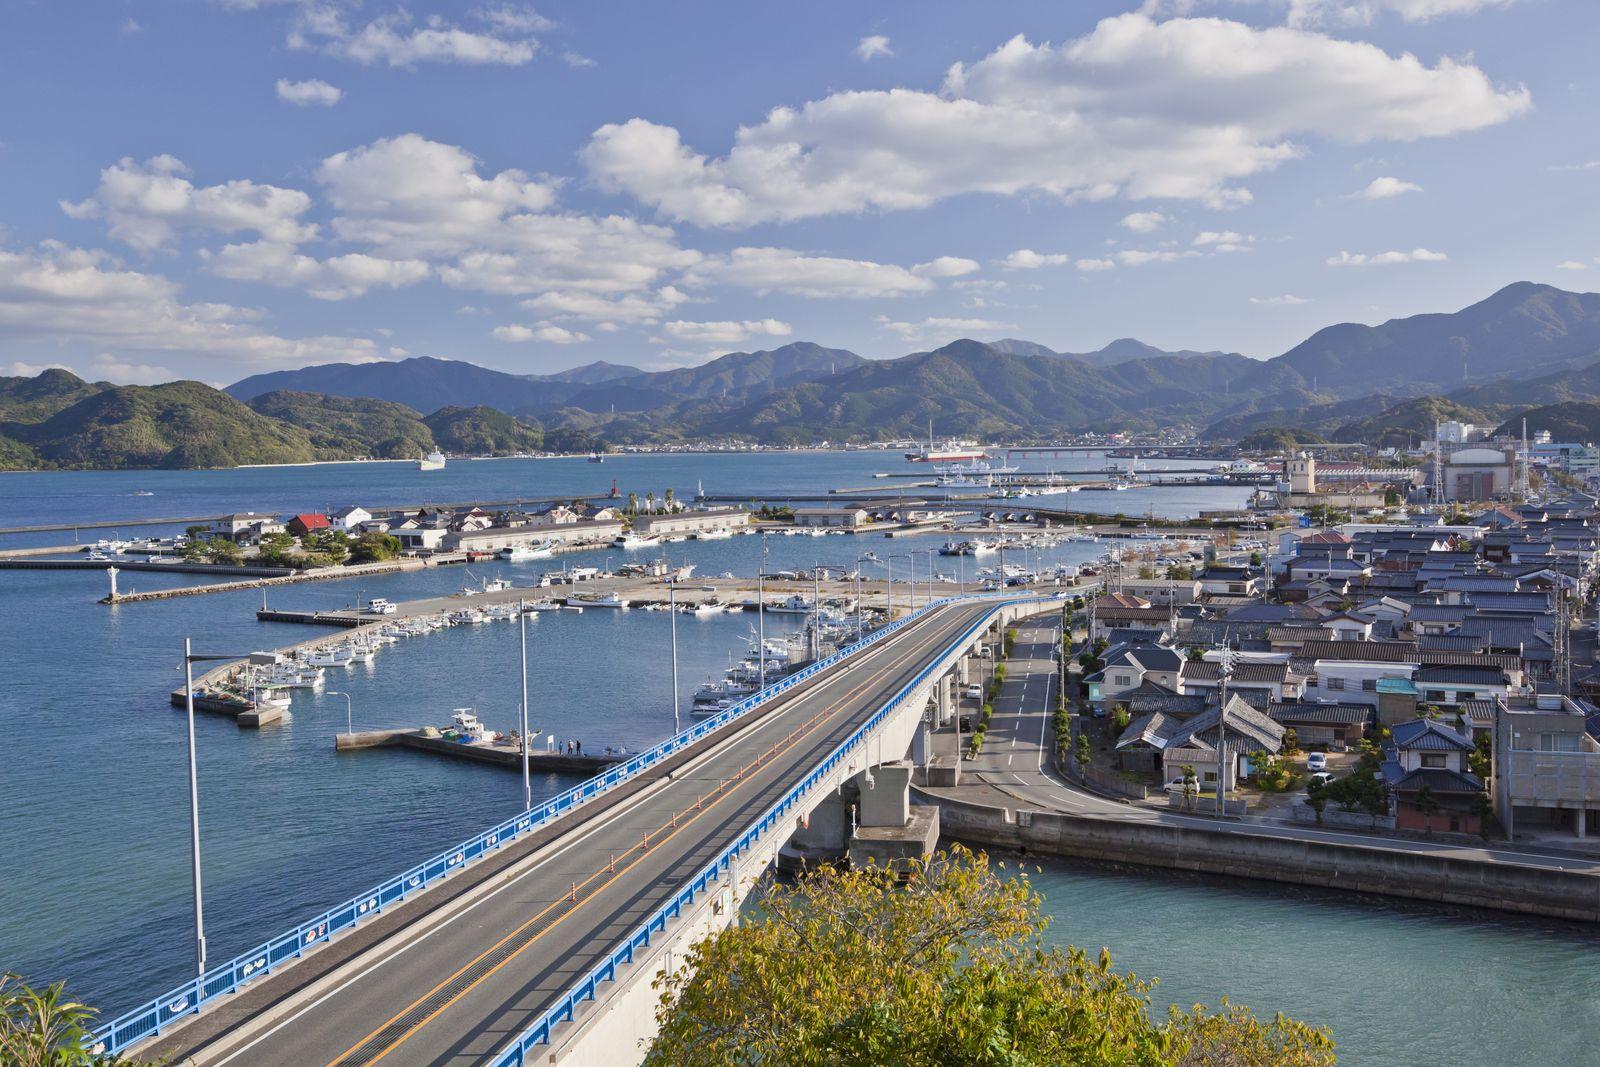 NICHT MEHR VERWENDEN! - Yamaguchi / Japan